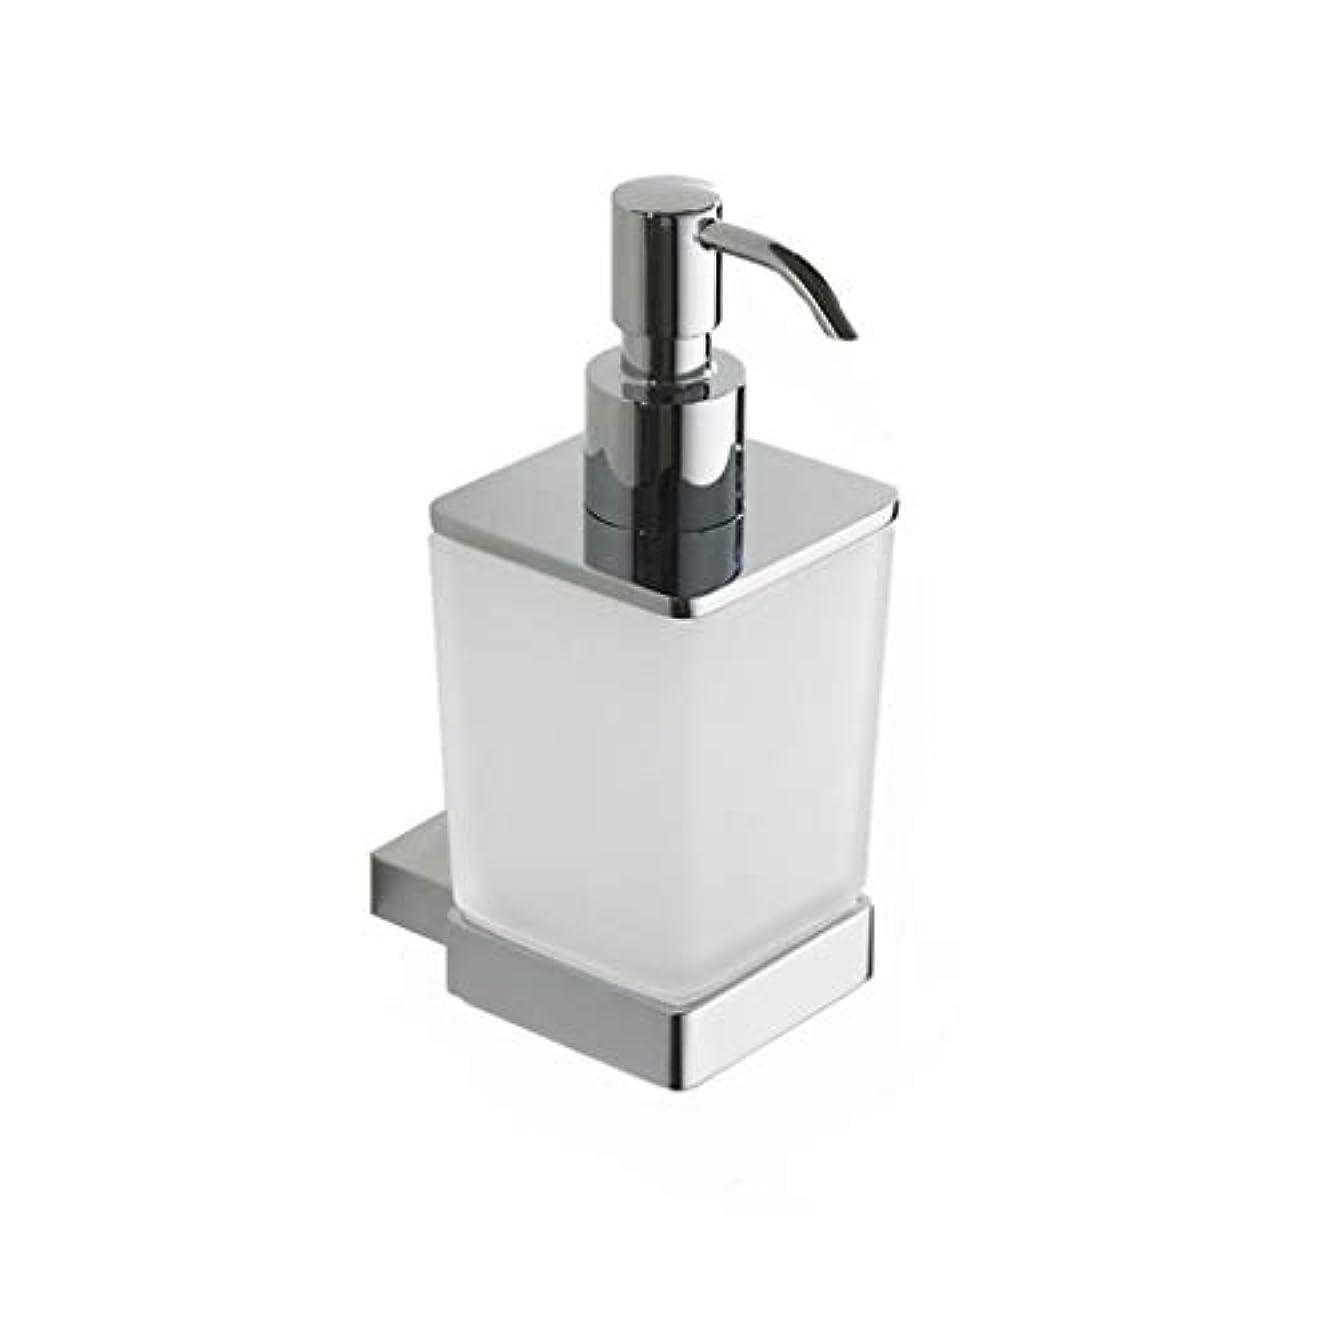 シリンダー高尚な曲がったKylinssh 、浴室のための金属の詰め替え式液体手の石鹸ディスペンサーポンプボトル - 安い、ディスカウント価格また手の消毒剤及び精油のために使用することができます